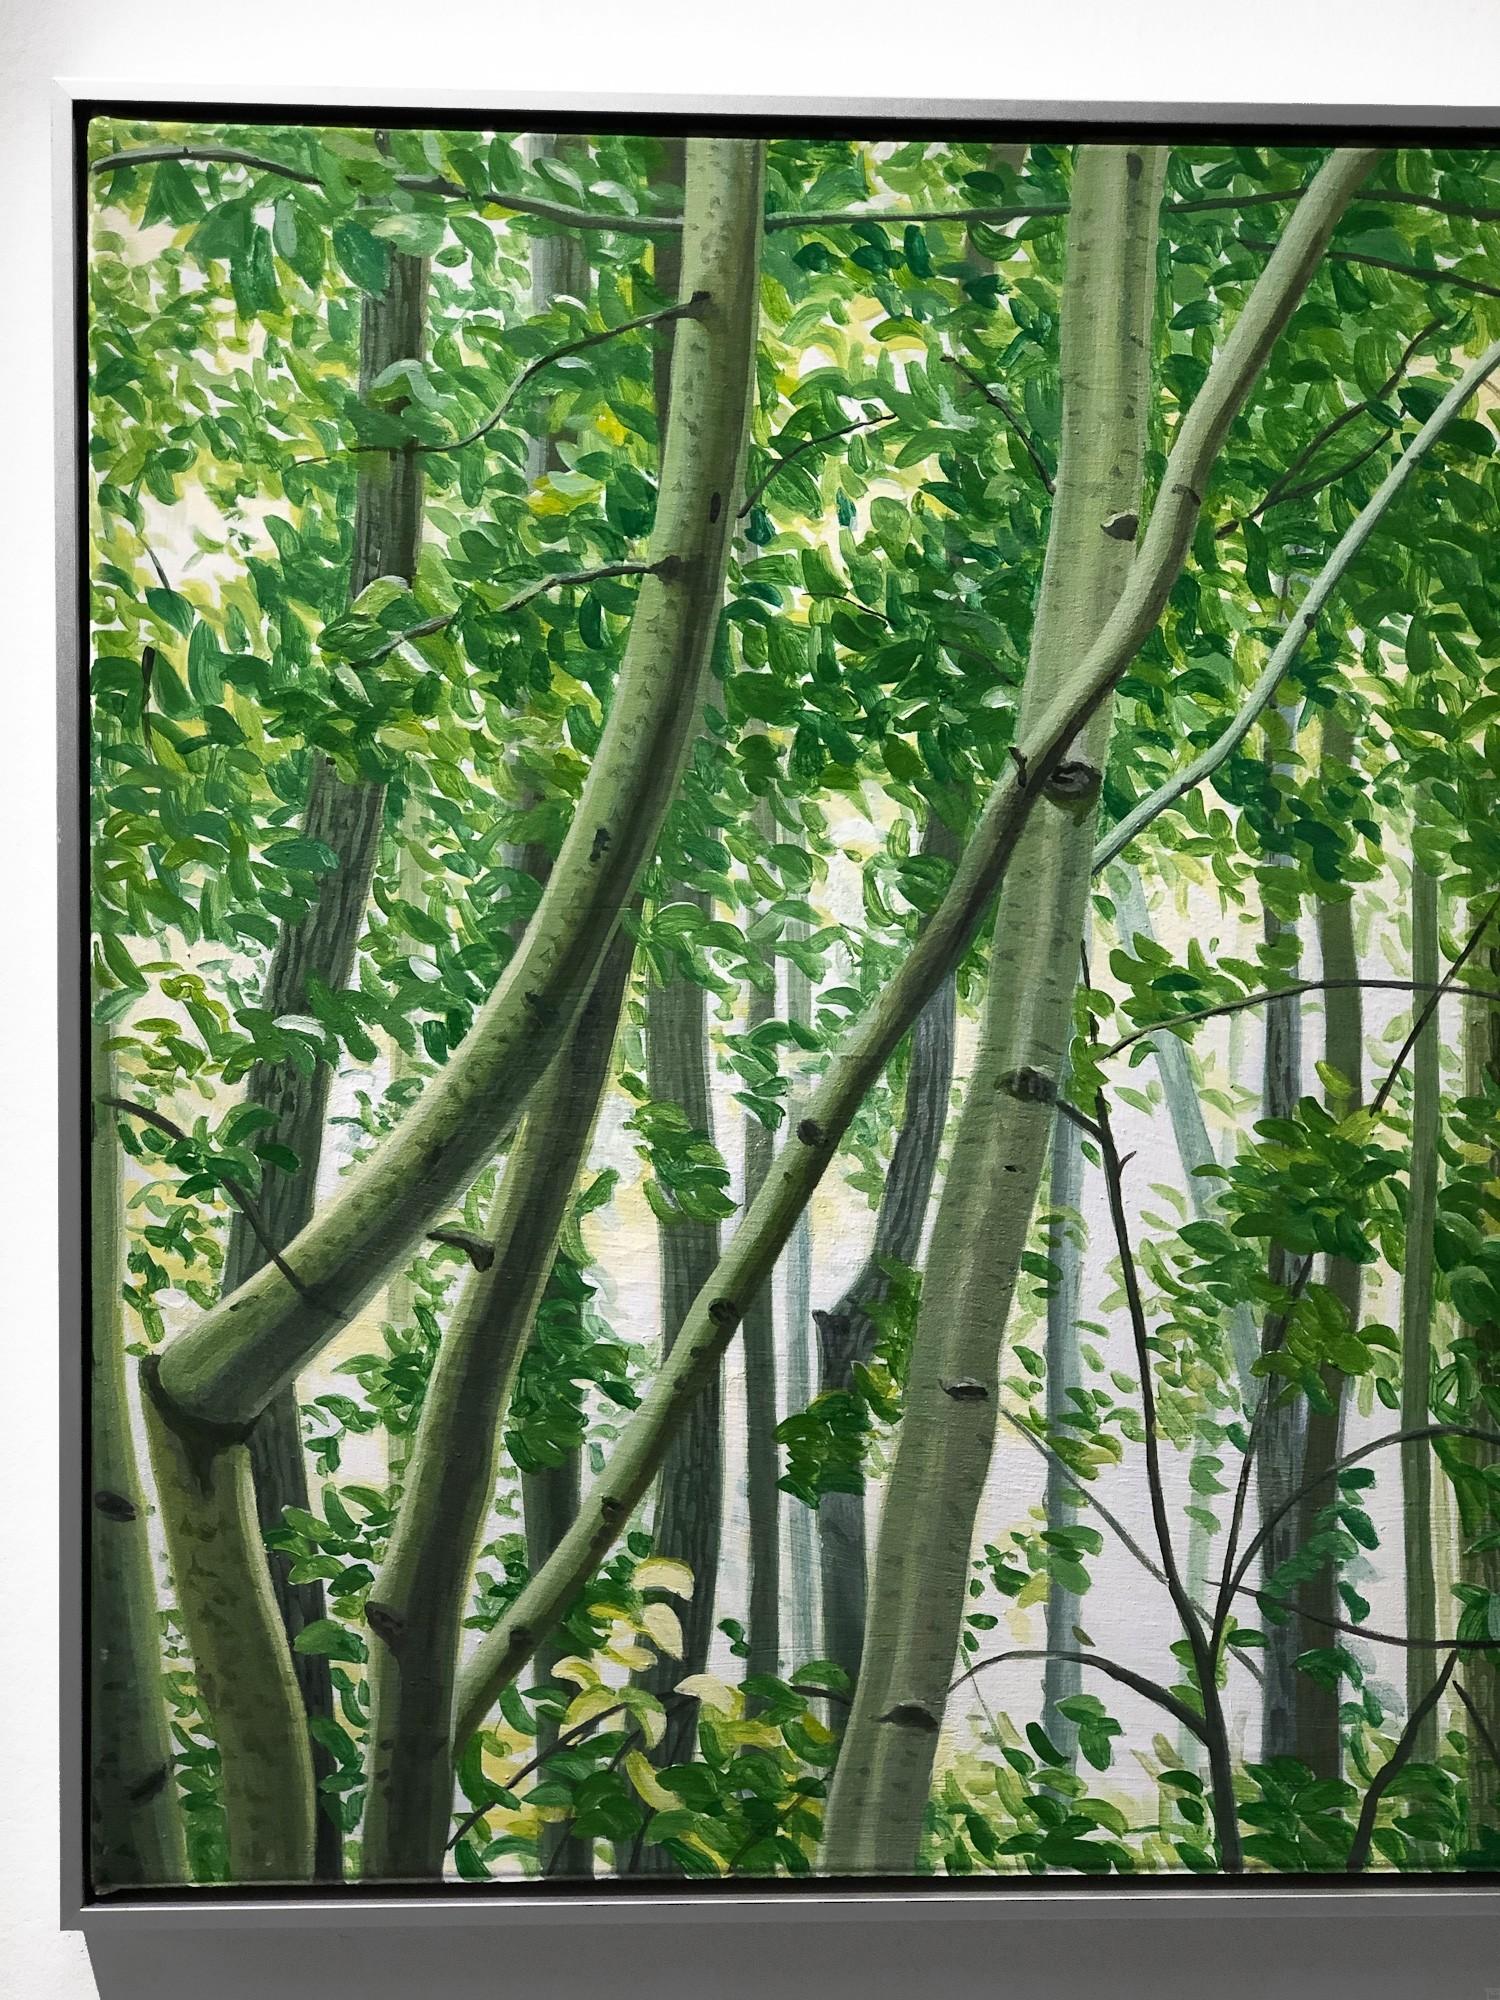 Mythischer Wald, gerahmt, Detail, Malerei von Sven Wiebers | Acryl auf Baumwolle